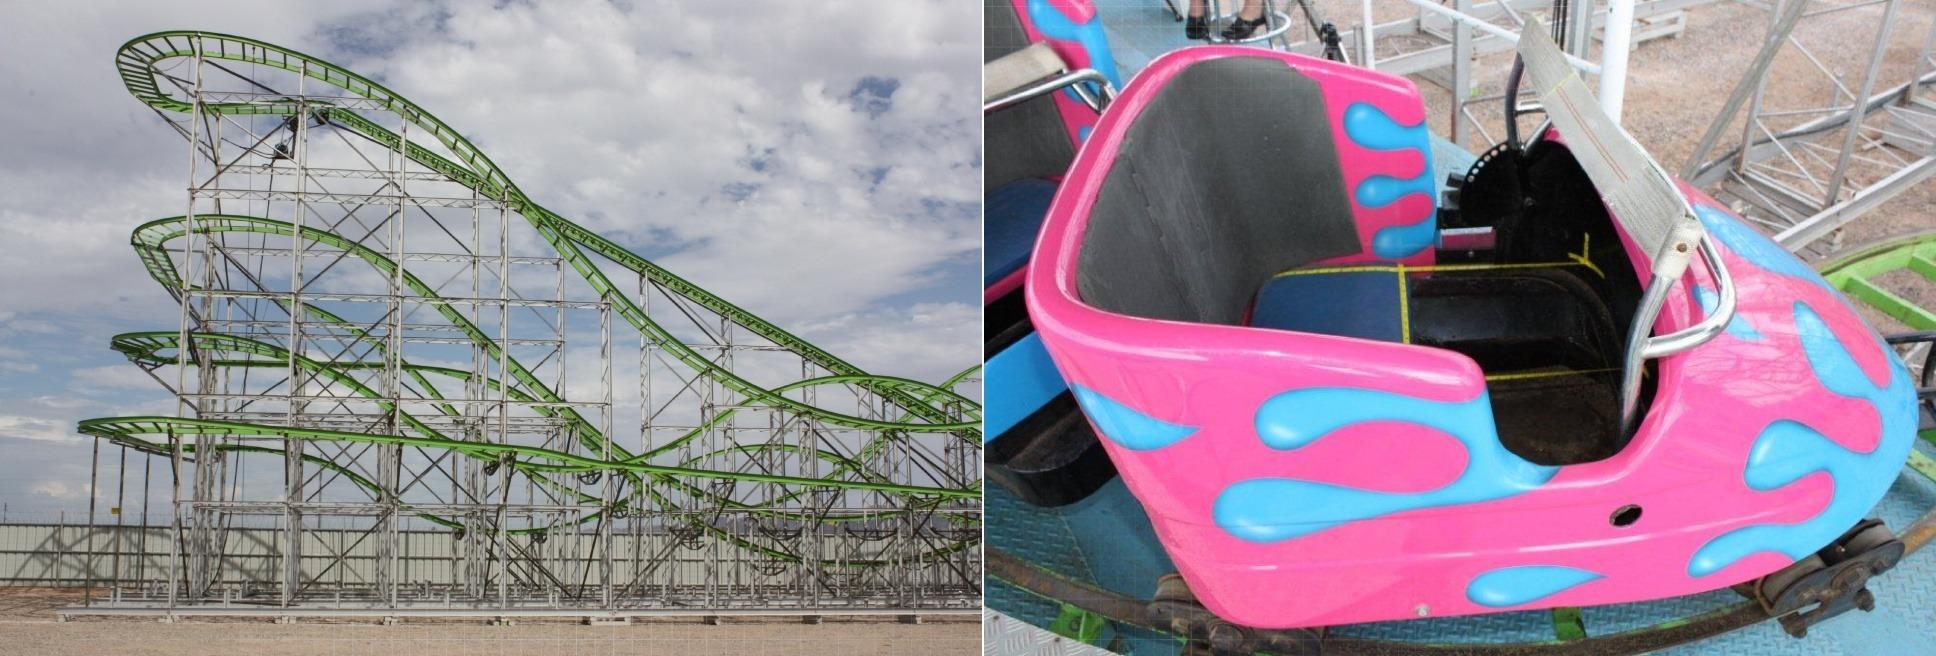 76_Amusement_Park